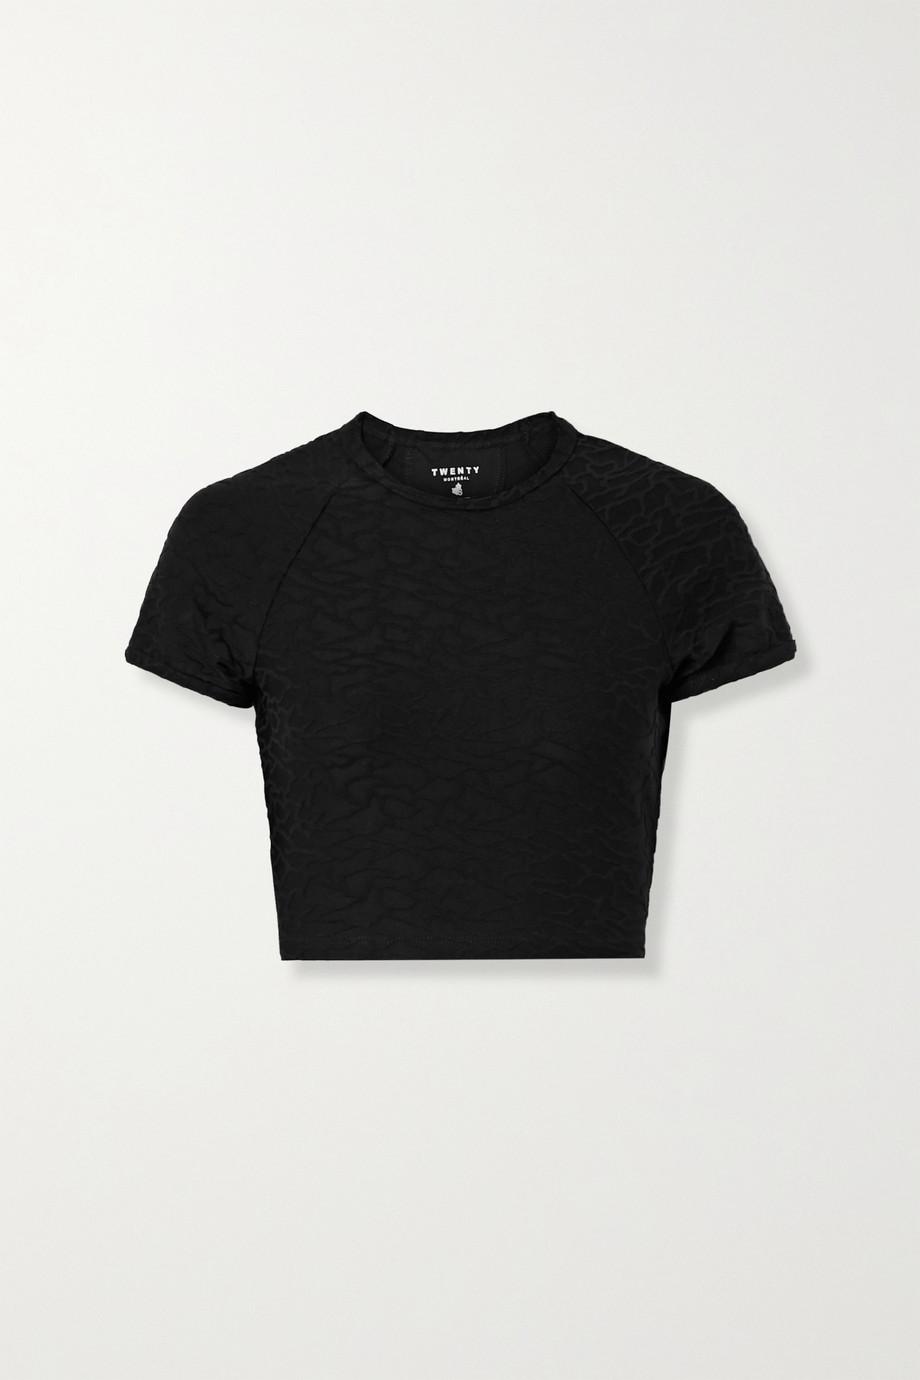 TWENTY Montréal Connect 3D verkürztes T-Shirt aus Jacquard-Strick mit Stretch-Anteil